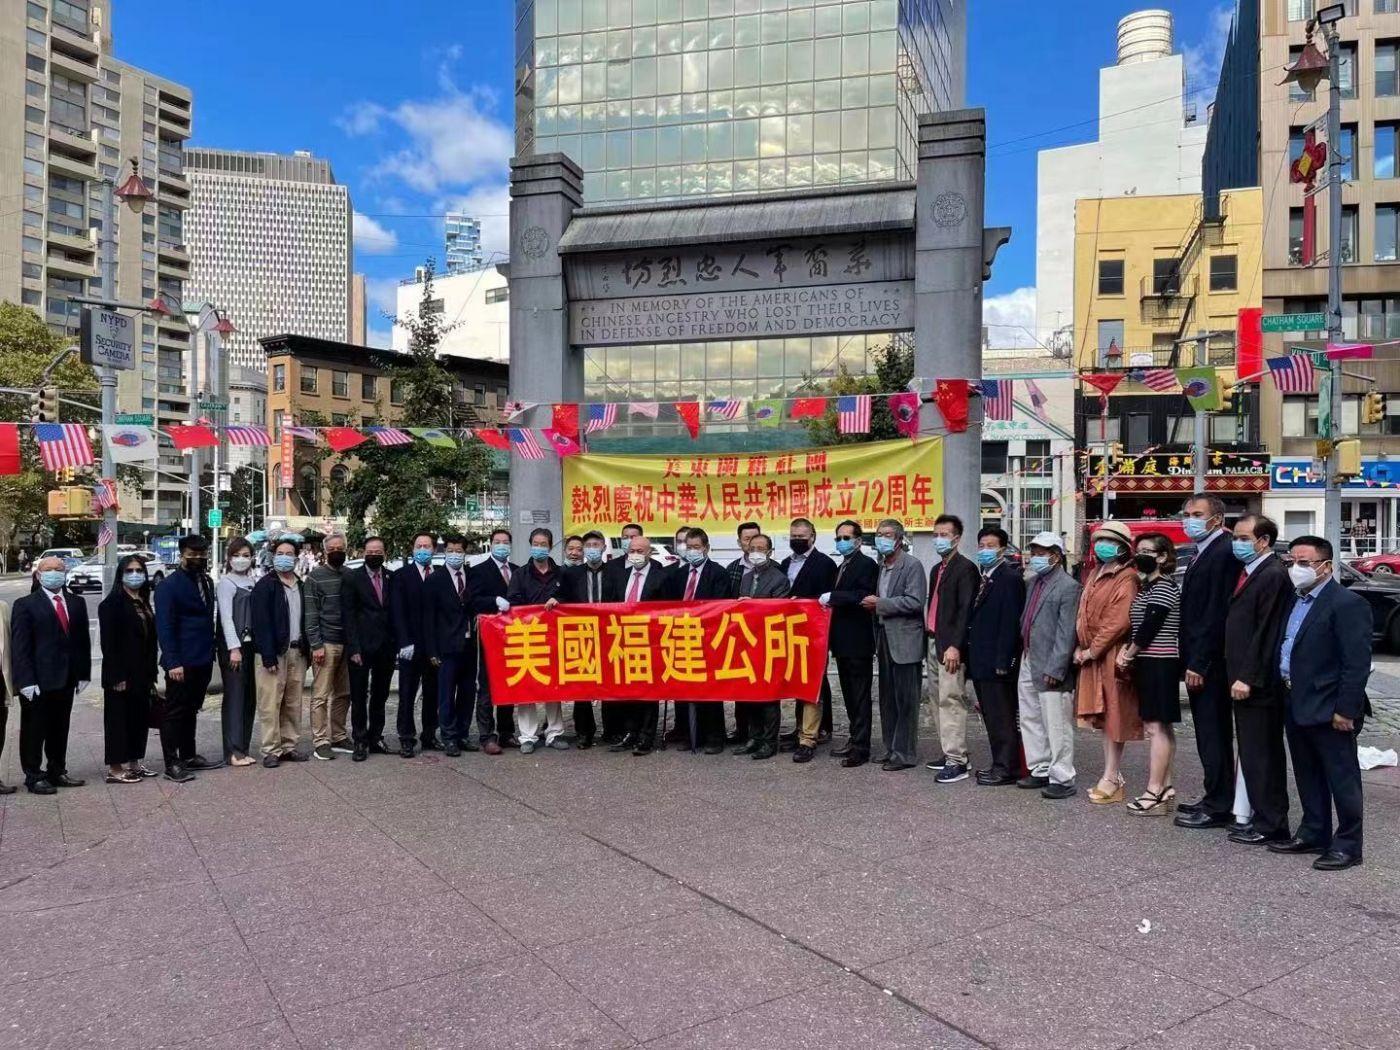 美东闽籍社团庆祝中华人民共和国成立72周年活动拉开帷幕_图1-3